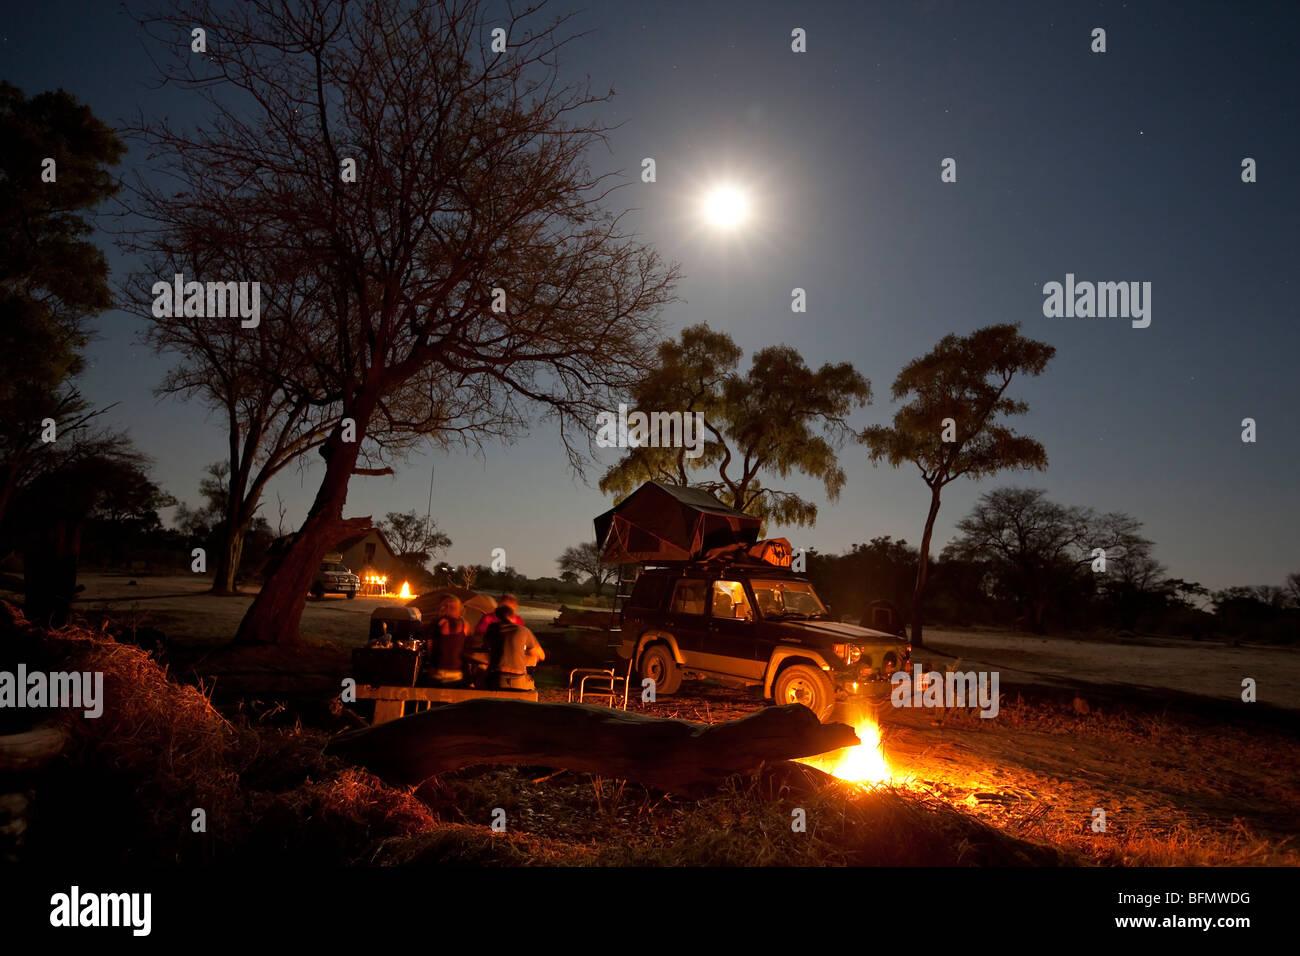 Botswana, Savuti. Eine Familie genießt ihre Mahlzeit durch das Feuer, mit der Expedition 4 x 4 im Hintergrund. Stockbild